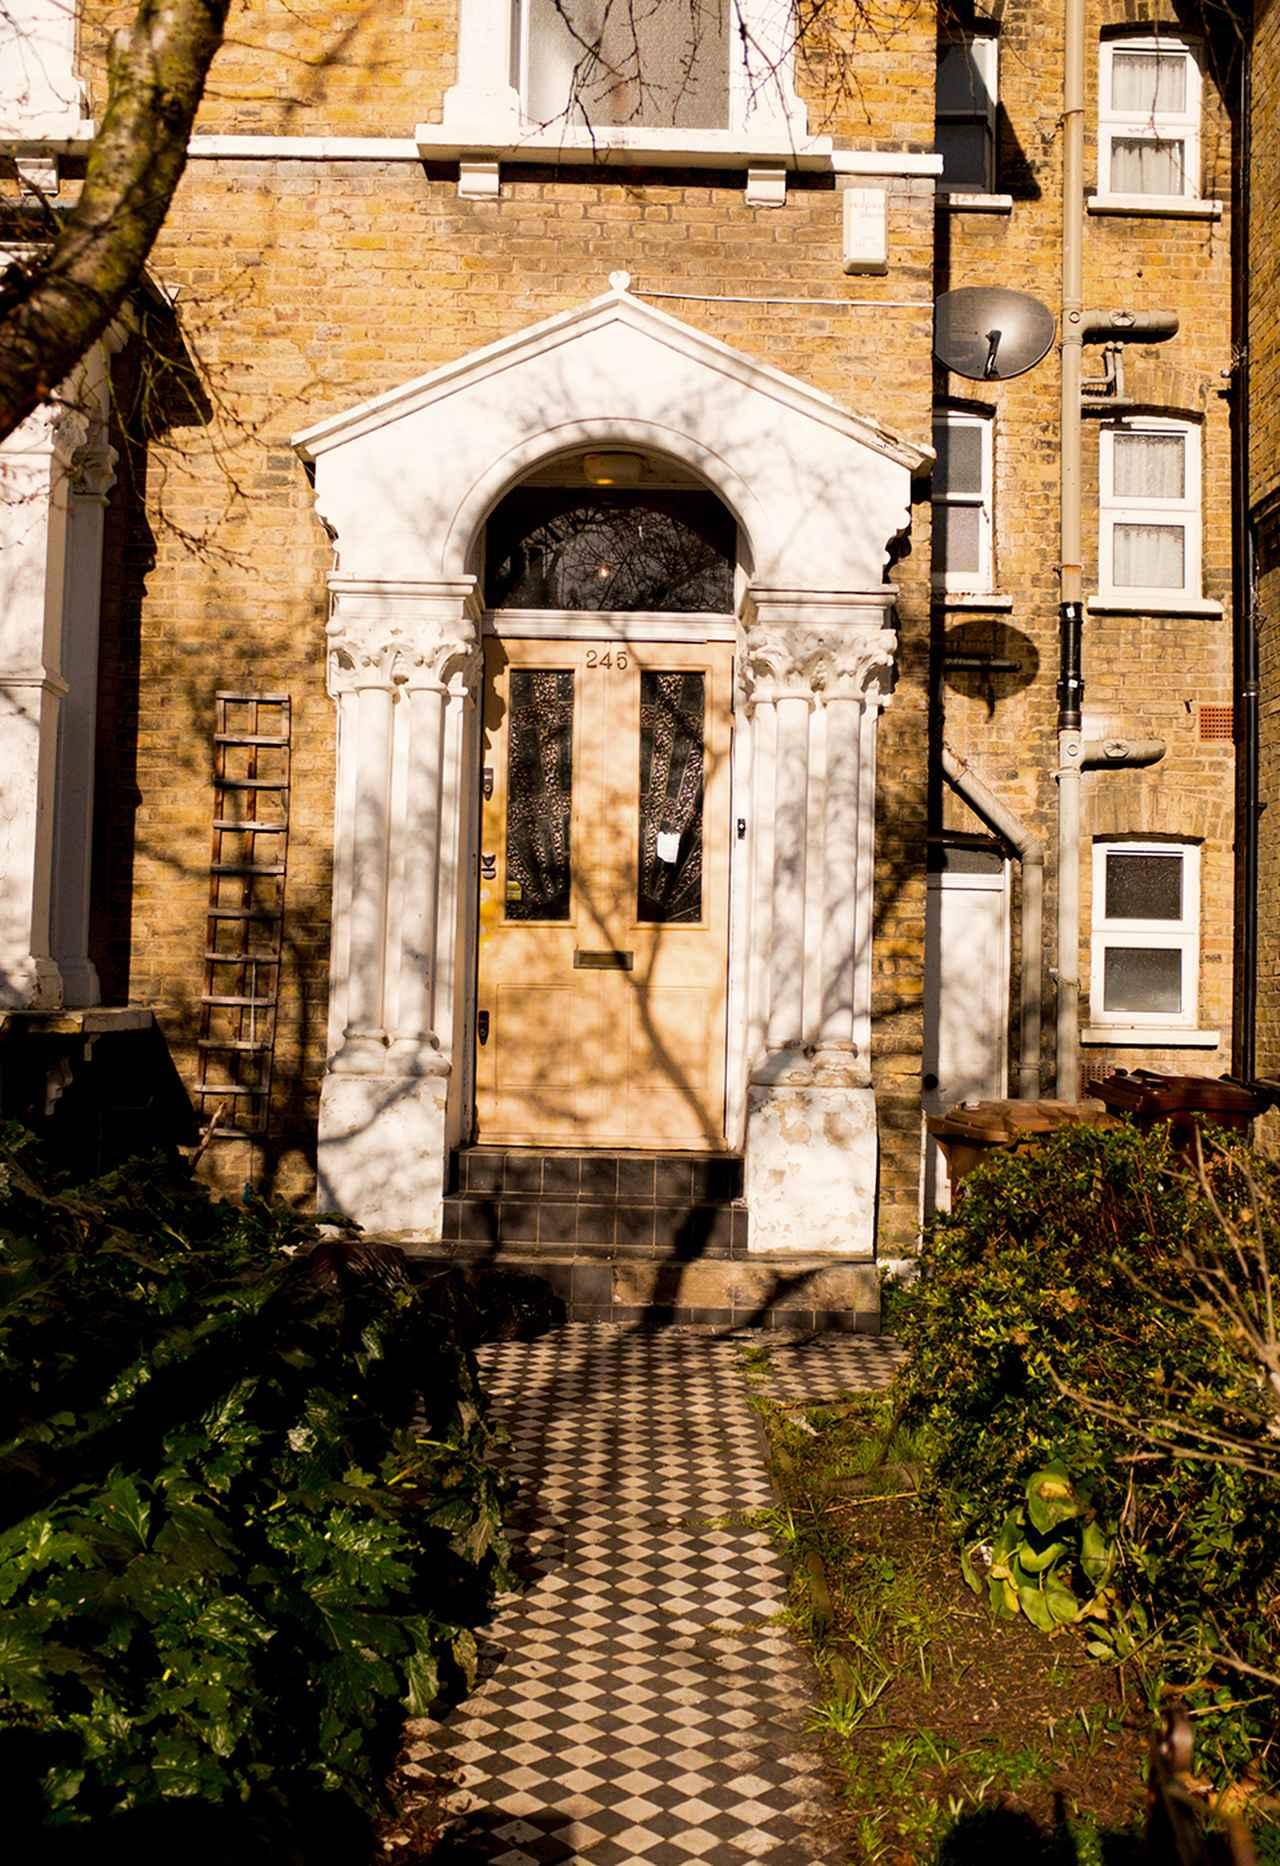 Images : アシュリー・ウィリアムズの家で|金曜日 AM11:20